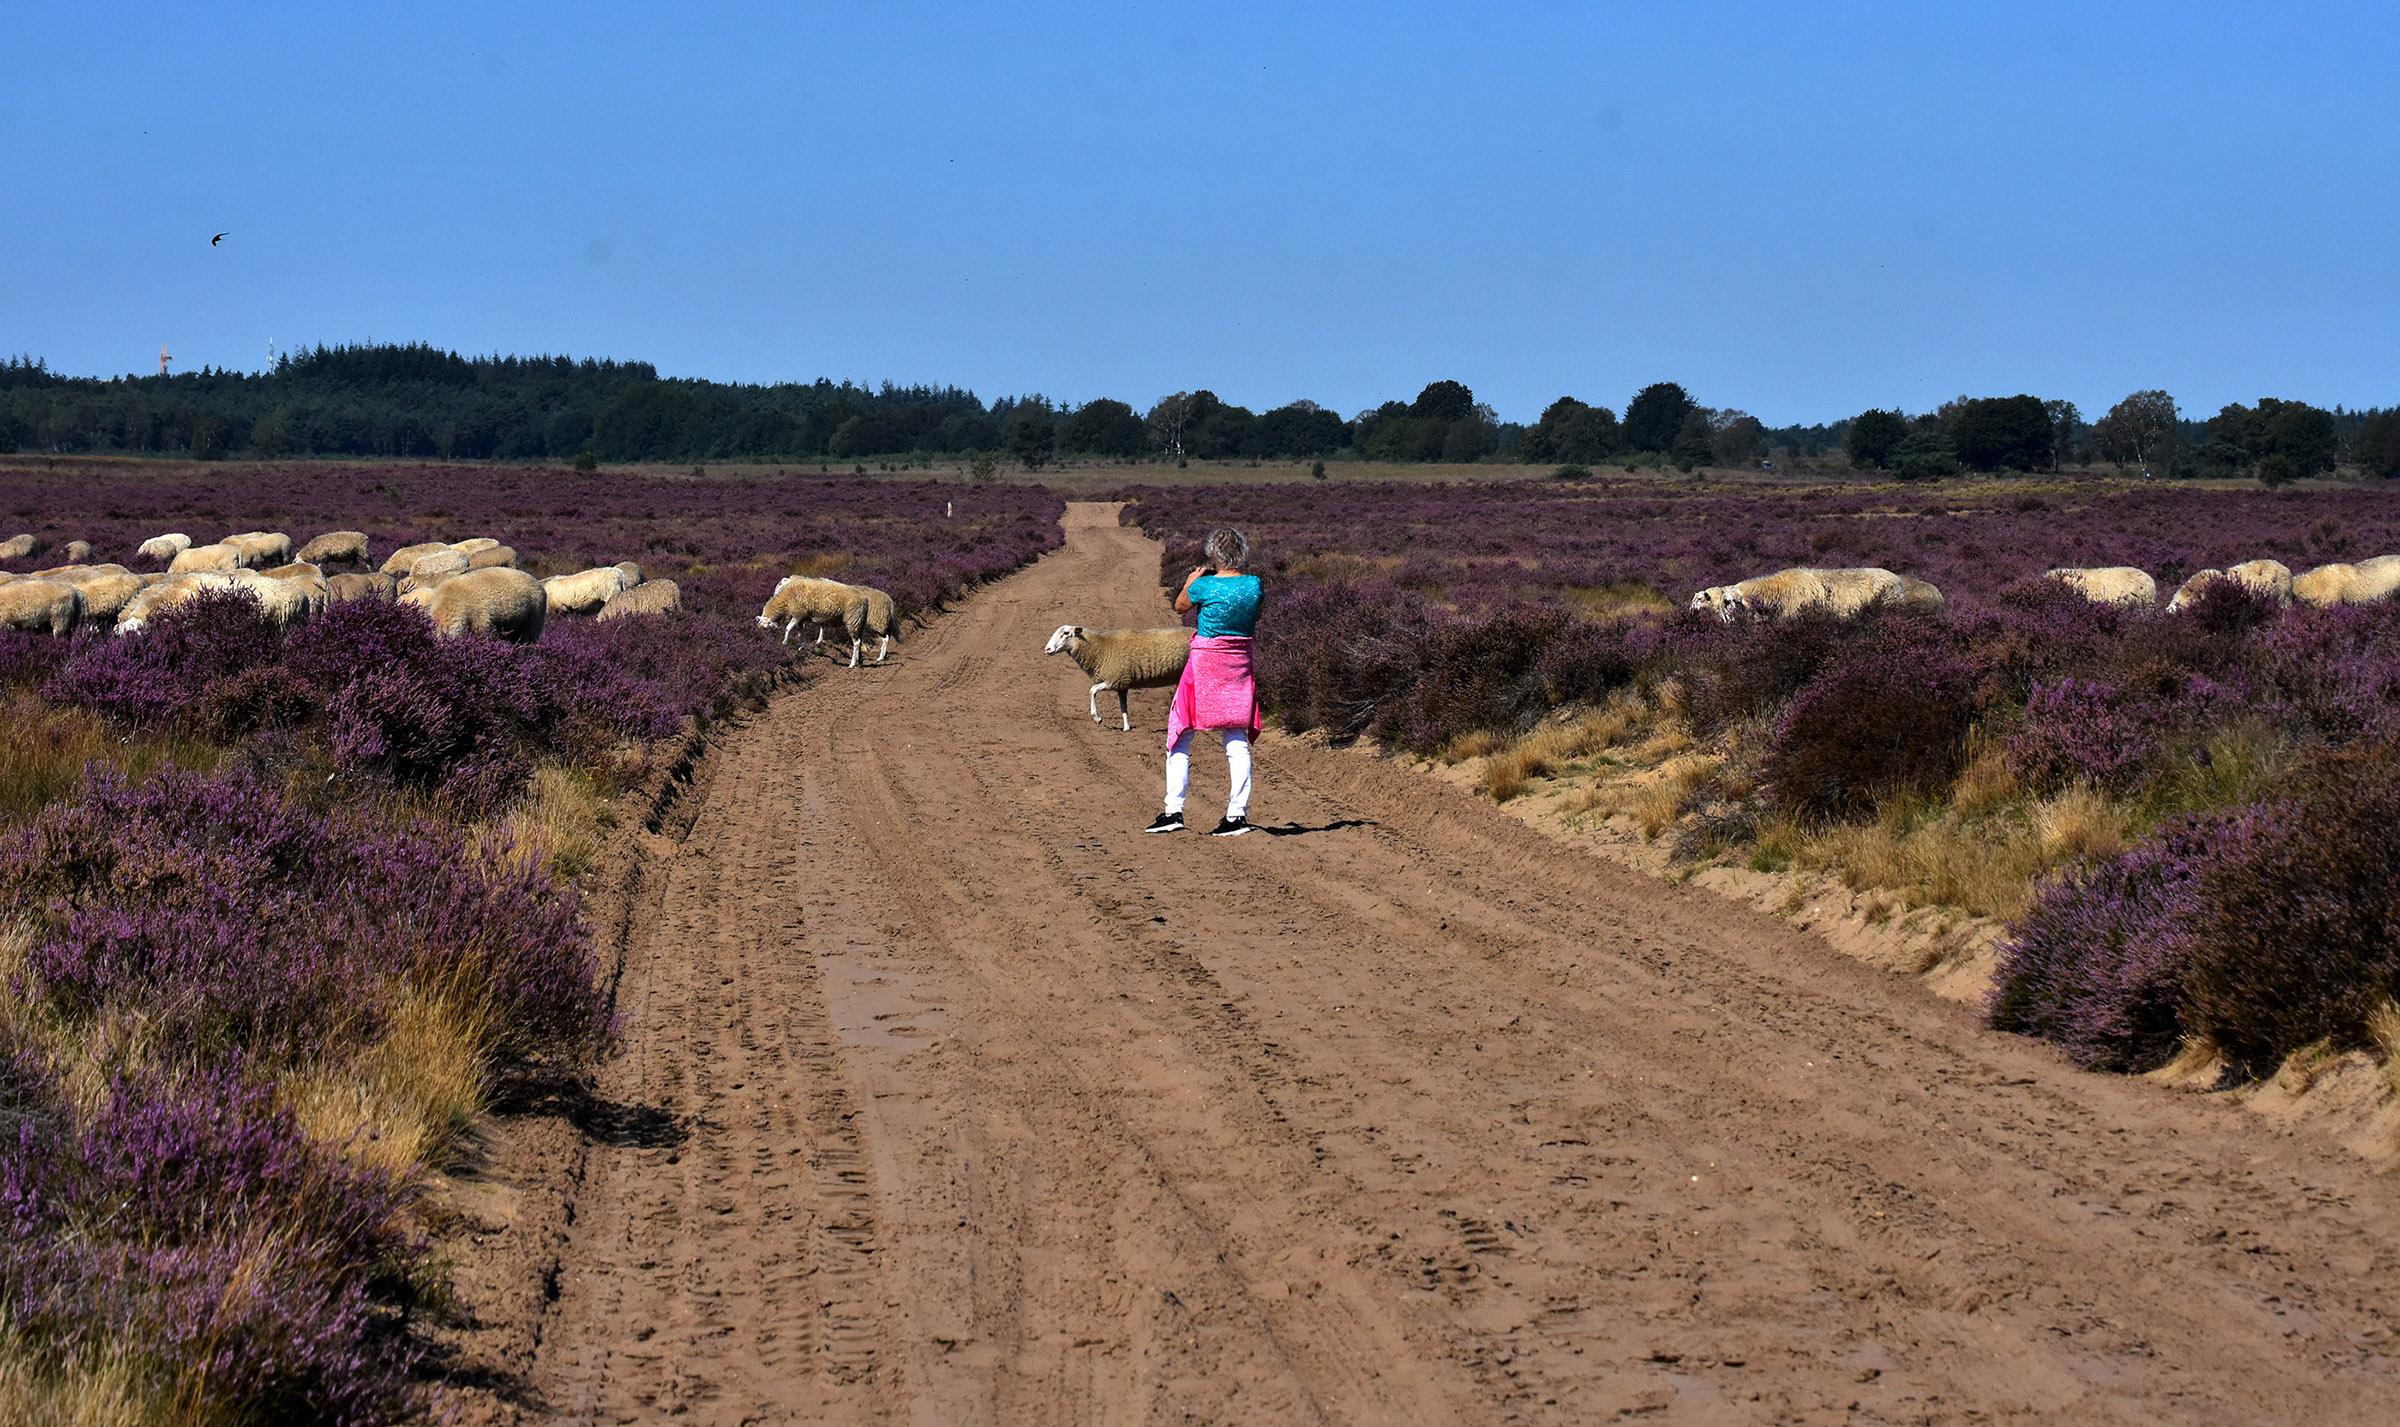 De rest van de kudde volgt vanzelf en Fransien legt het vast op de gevoelige plaat - Foto: ©Louis Fraanje